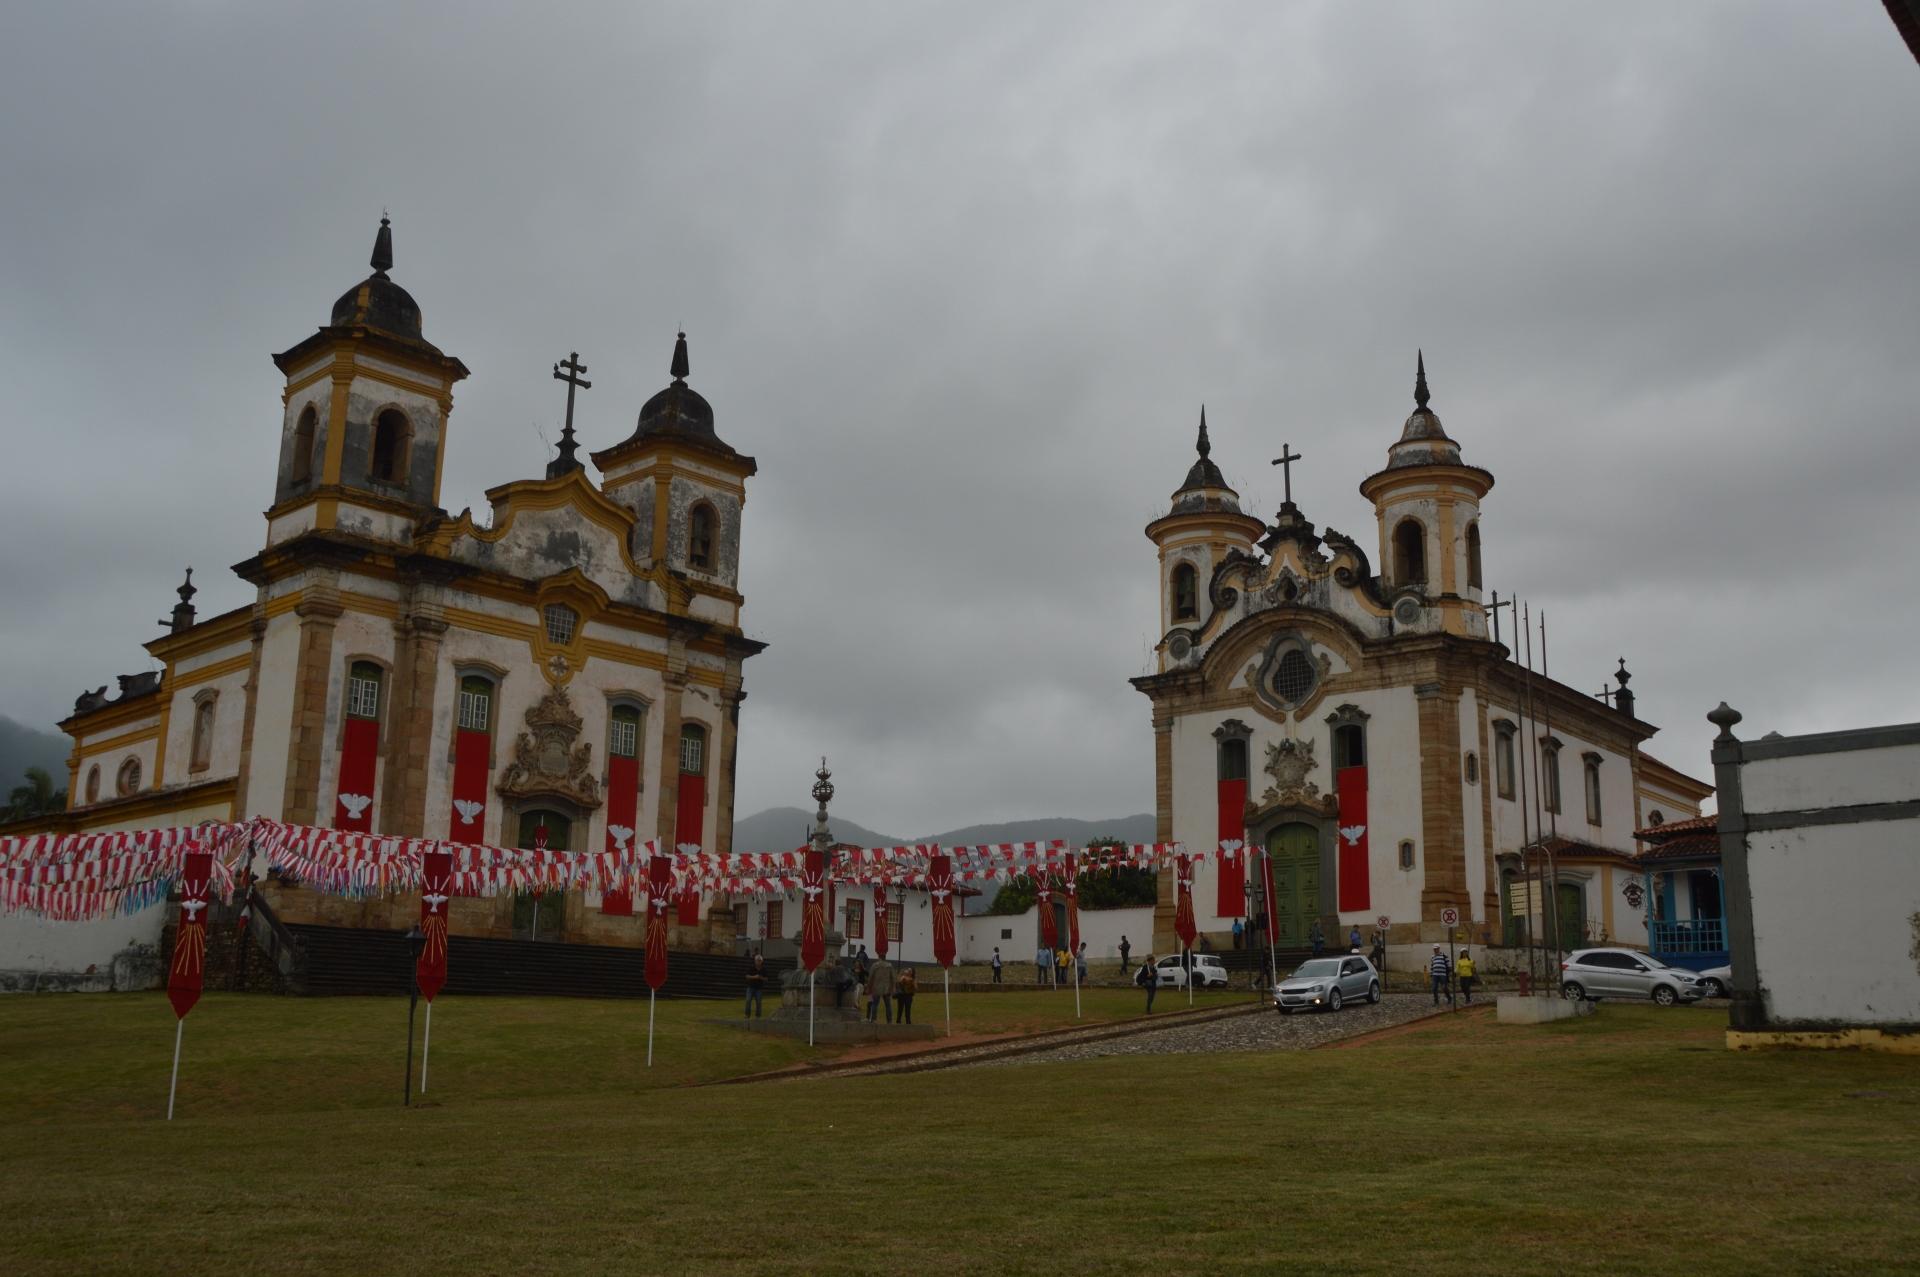 Igreja de São Francisco de Assis (esquerda) e Igreja Nossa Senhora do Carmo (direita), Mariana - MG, by Luciana de Paula, 2016